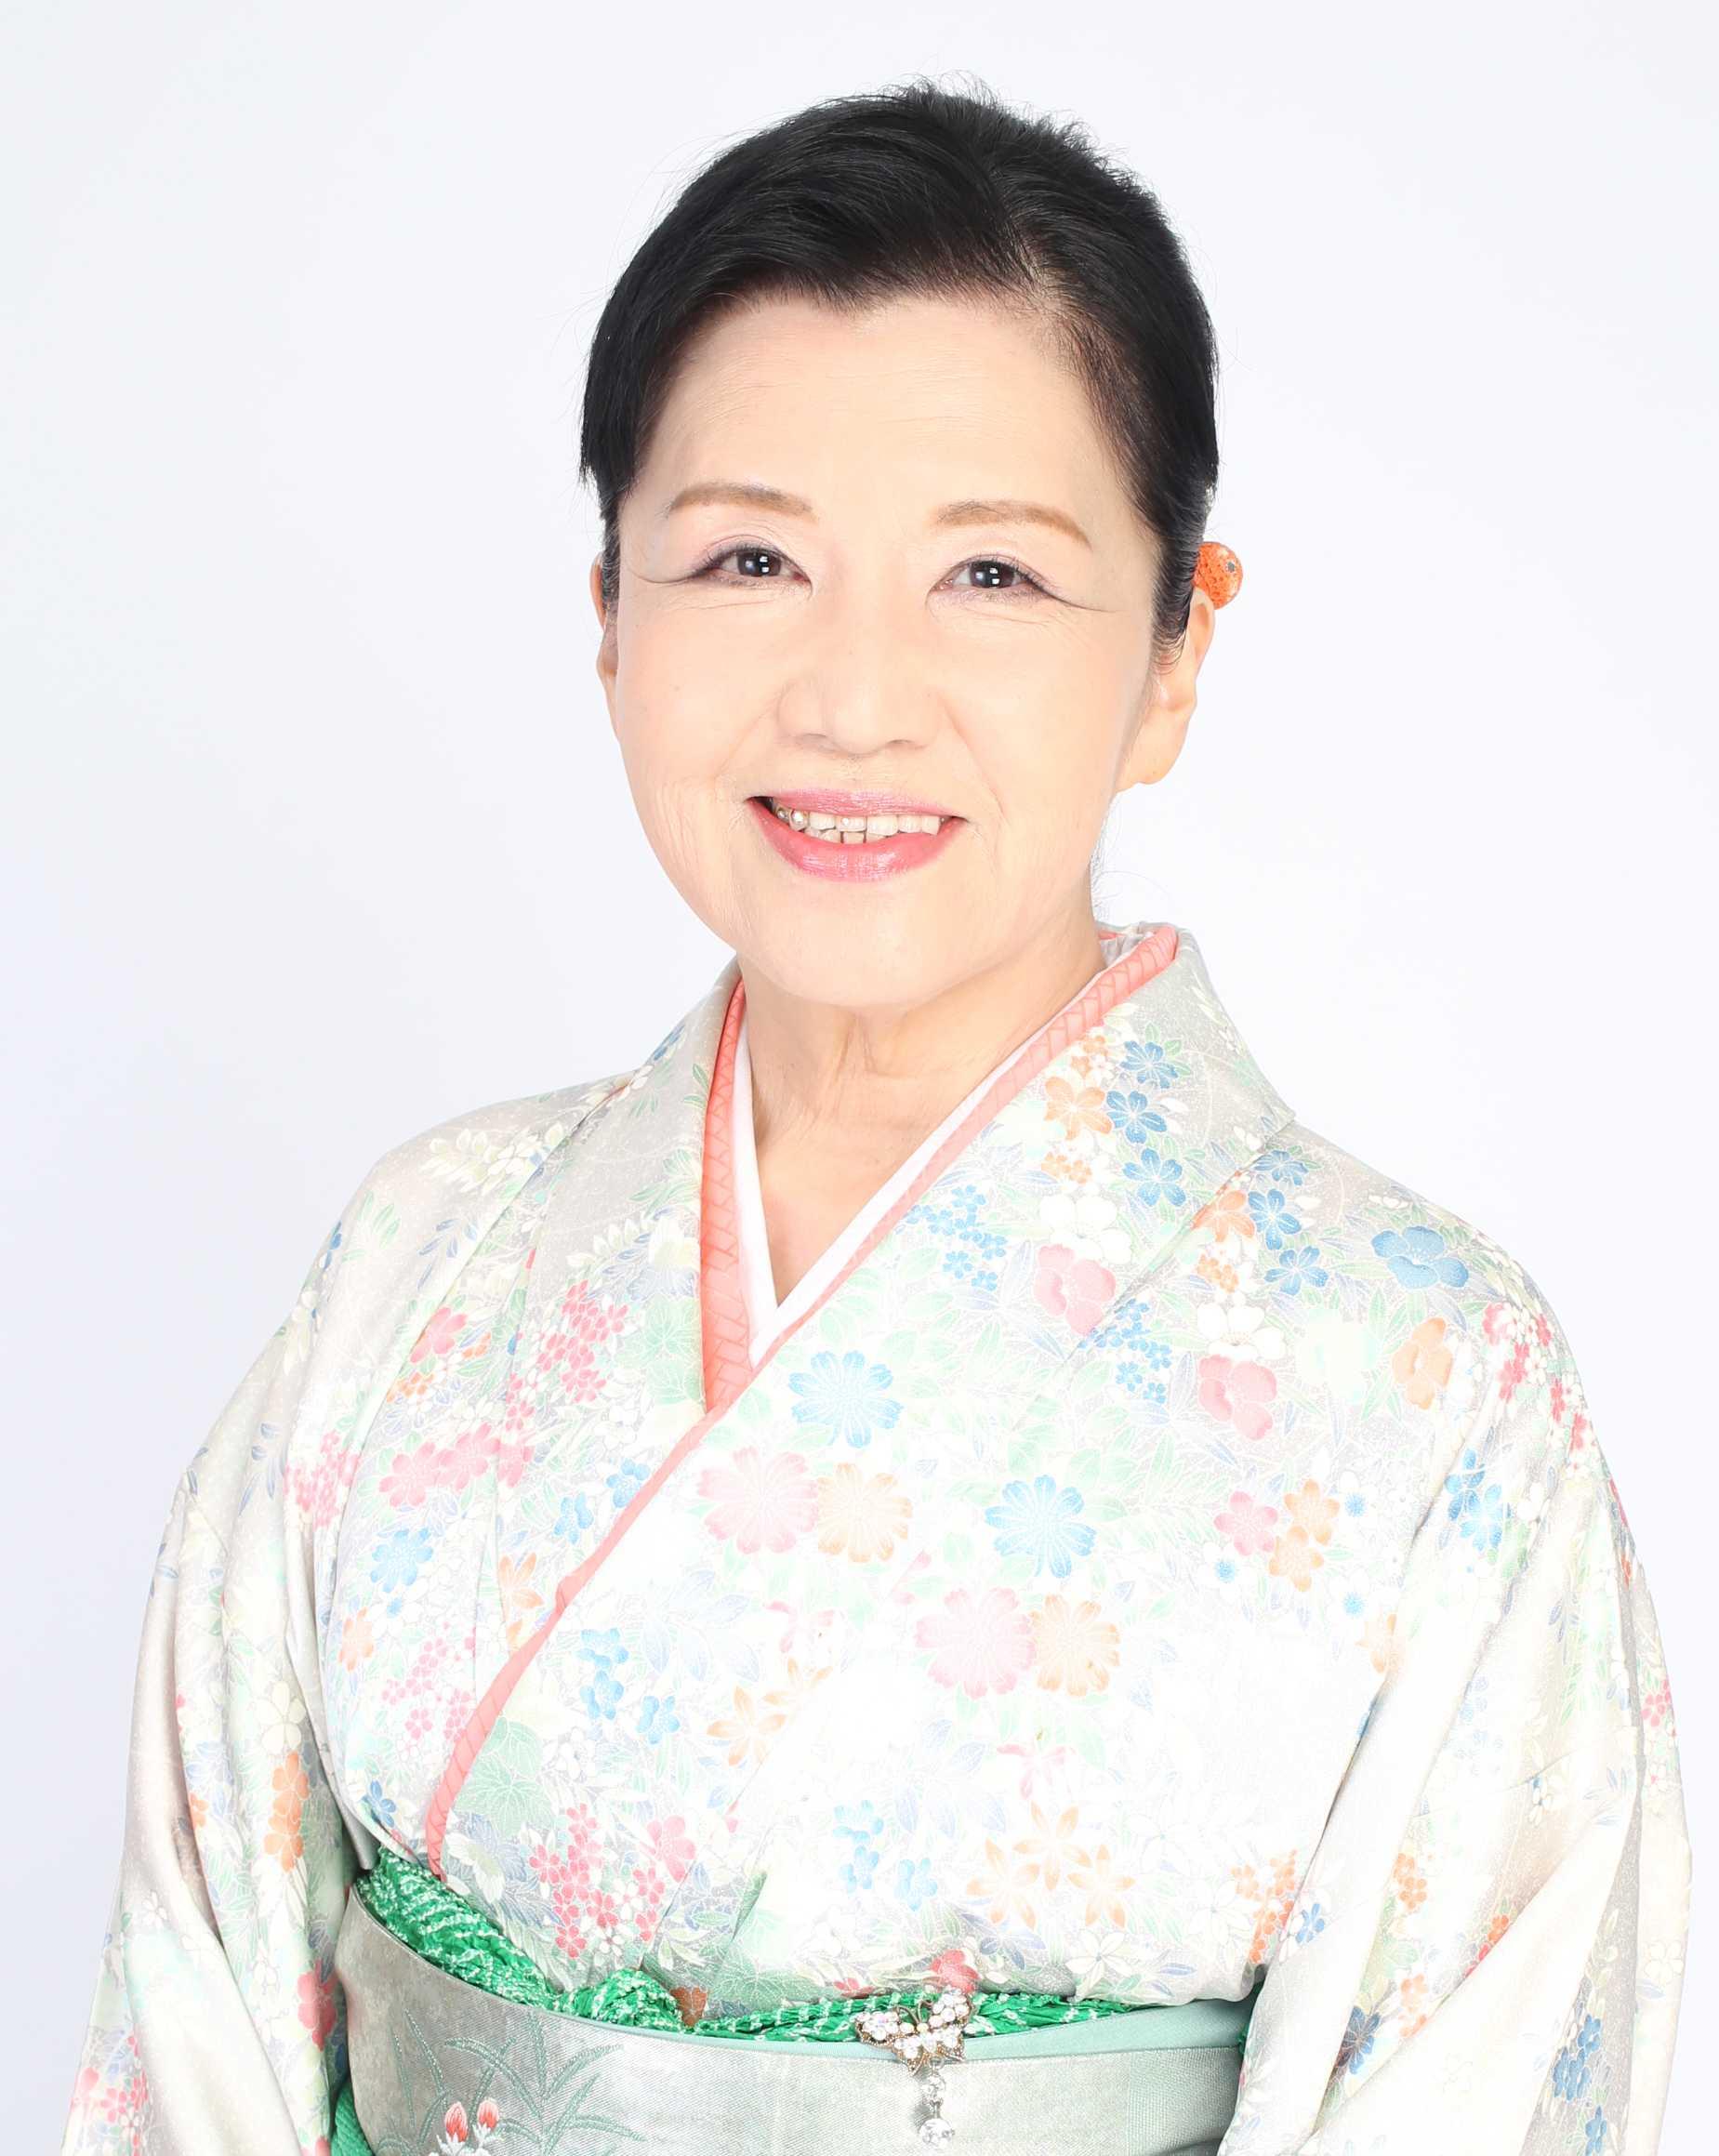 誕生霊数学の会 会長:成澤 滉虹(なるさわ ひろこ)